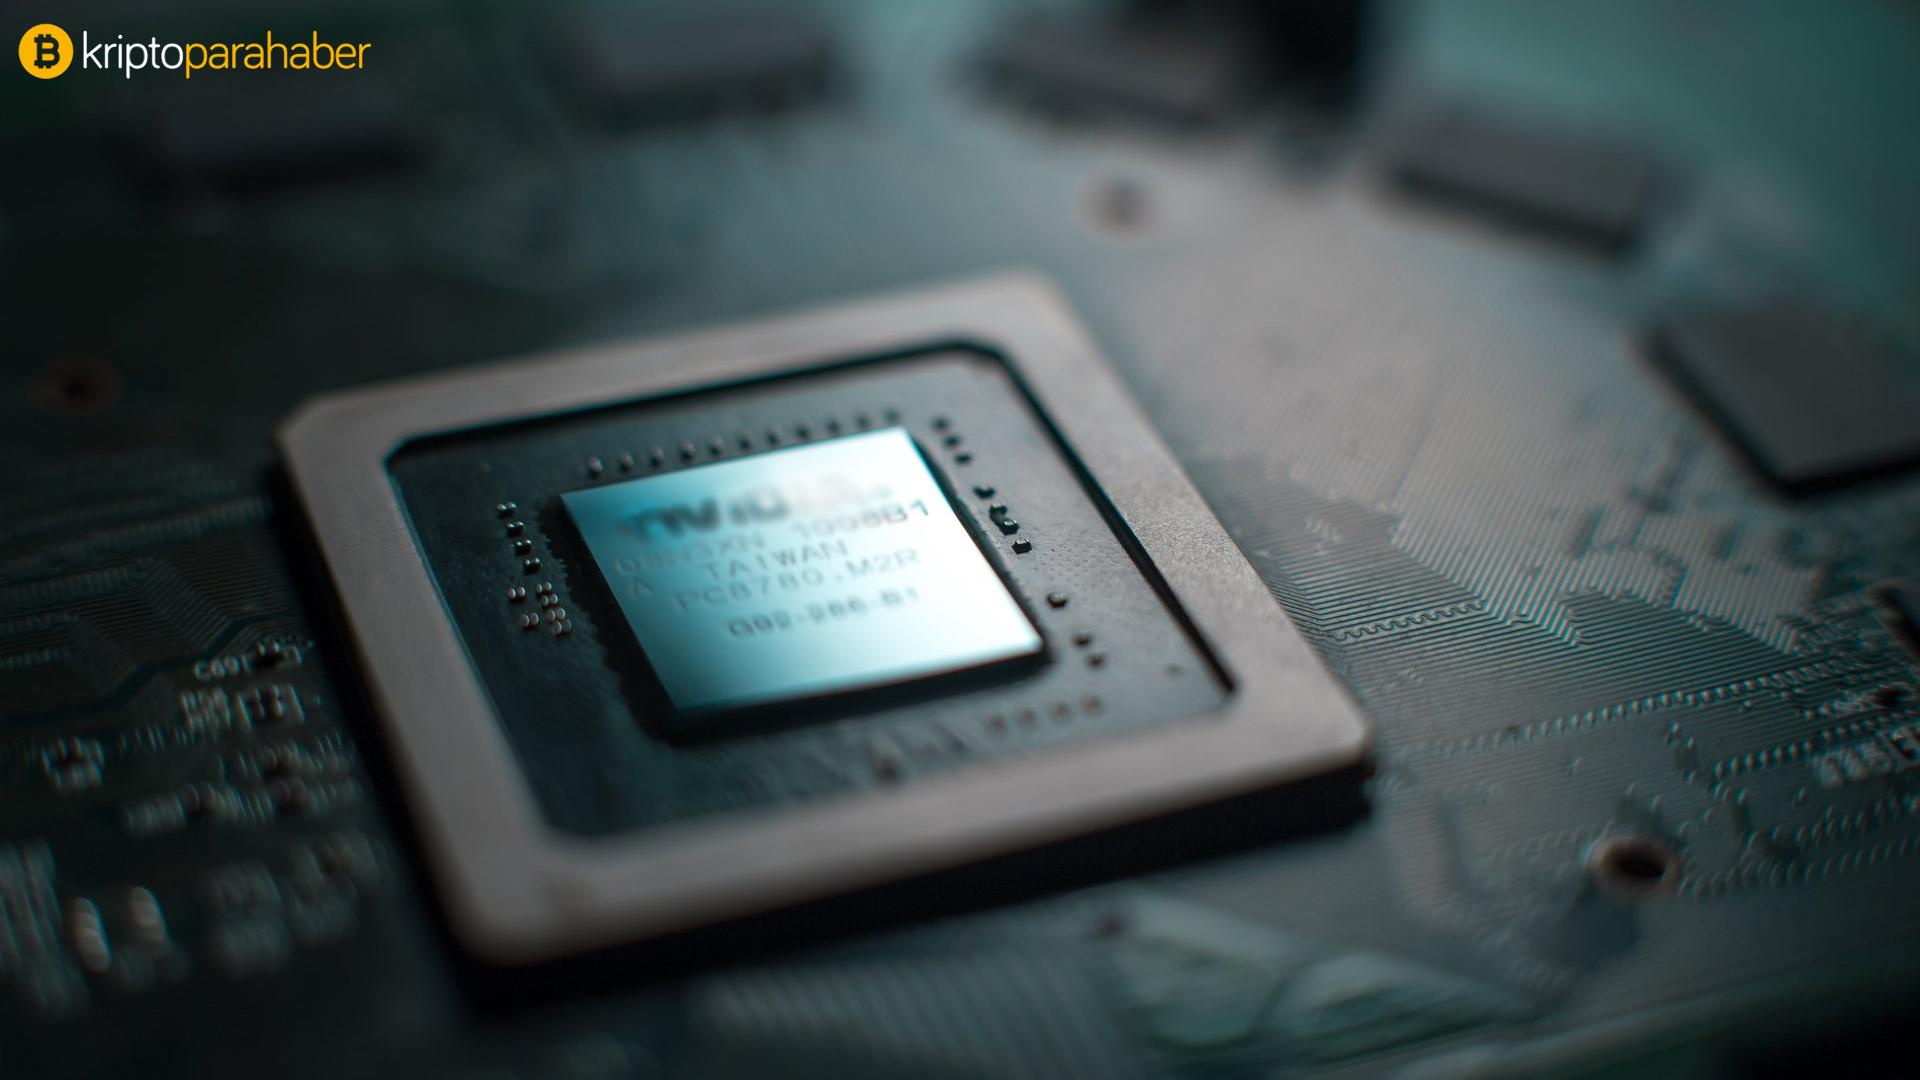 GPU'lar yakında kripto madenciliği için demode mi olacak?